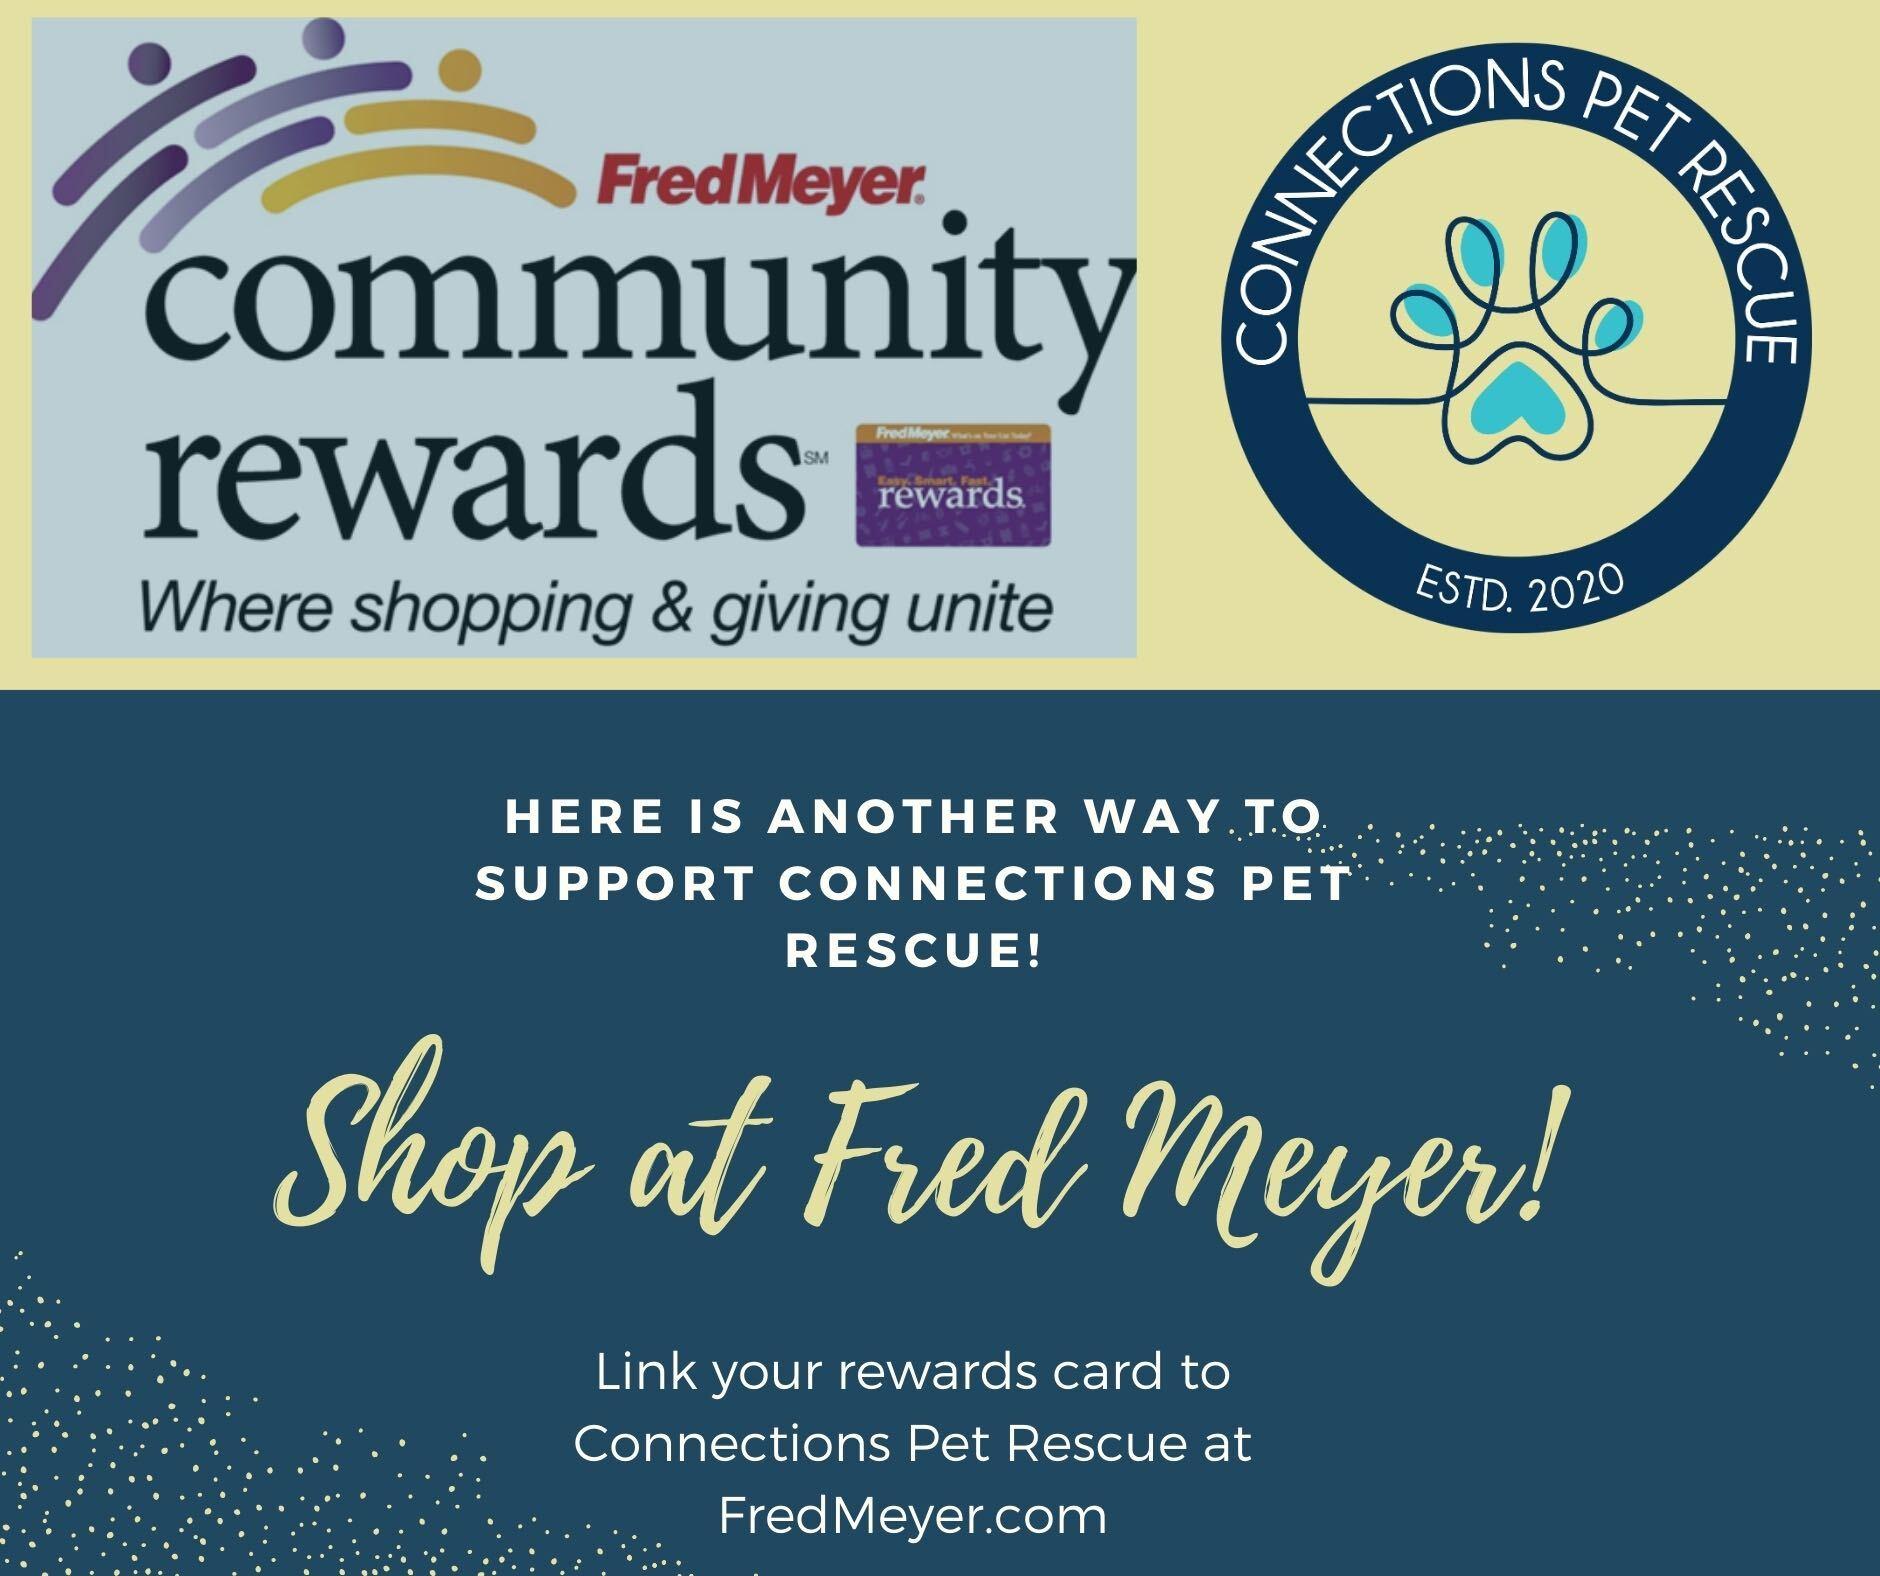 fred meyer rewards link